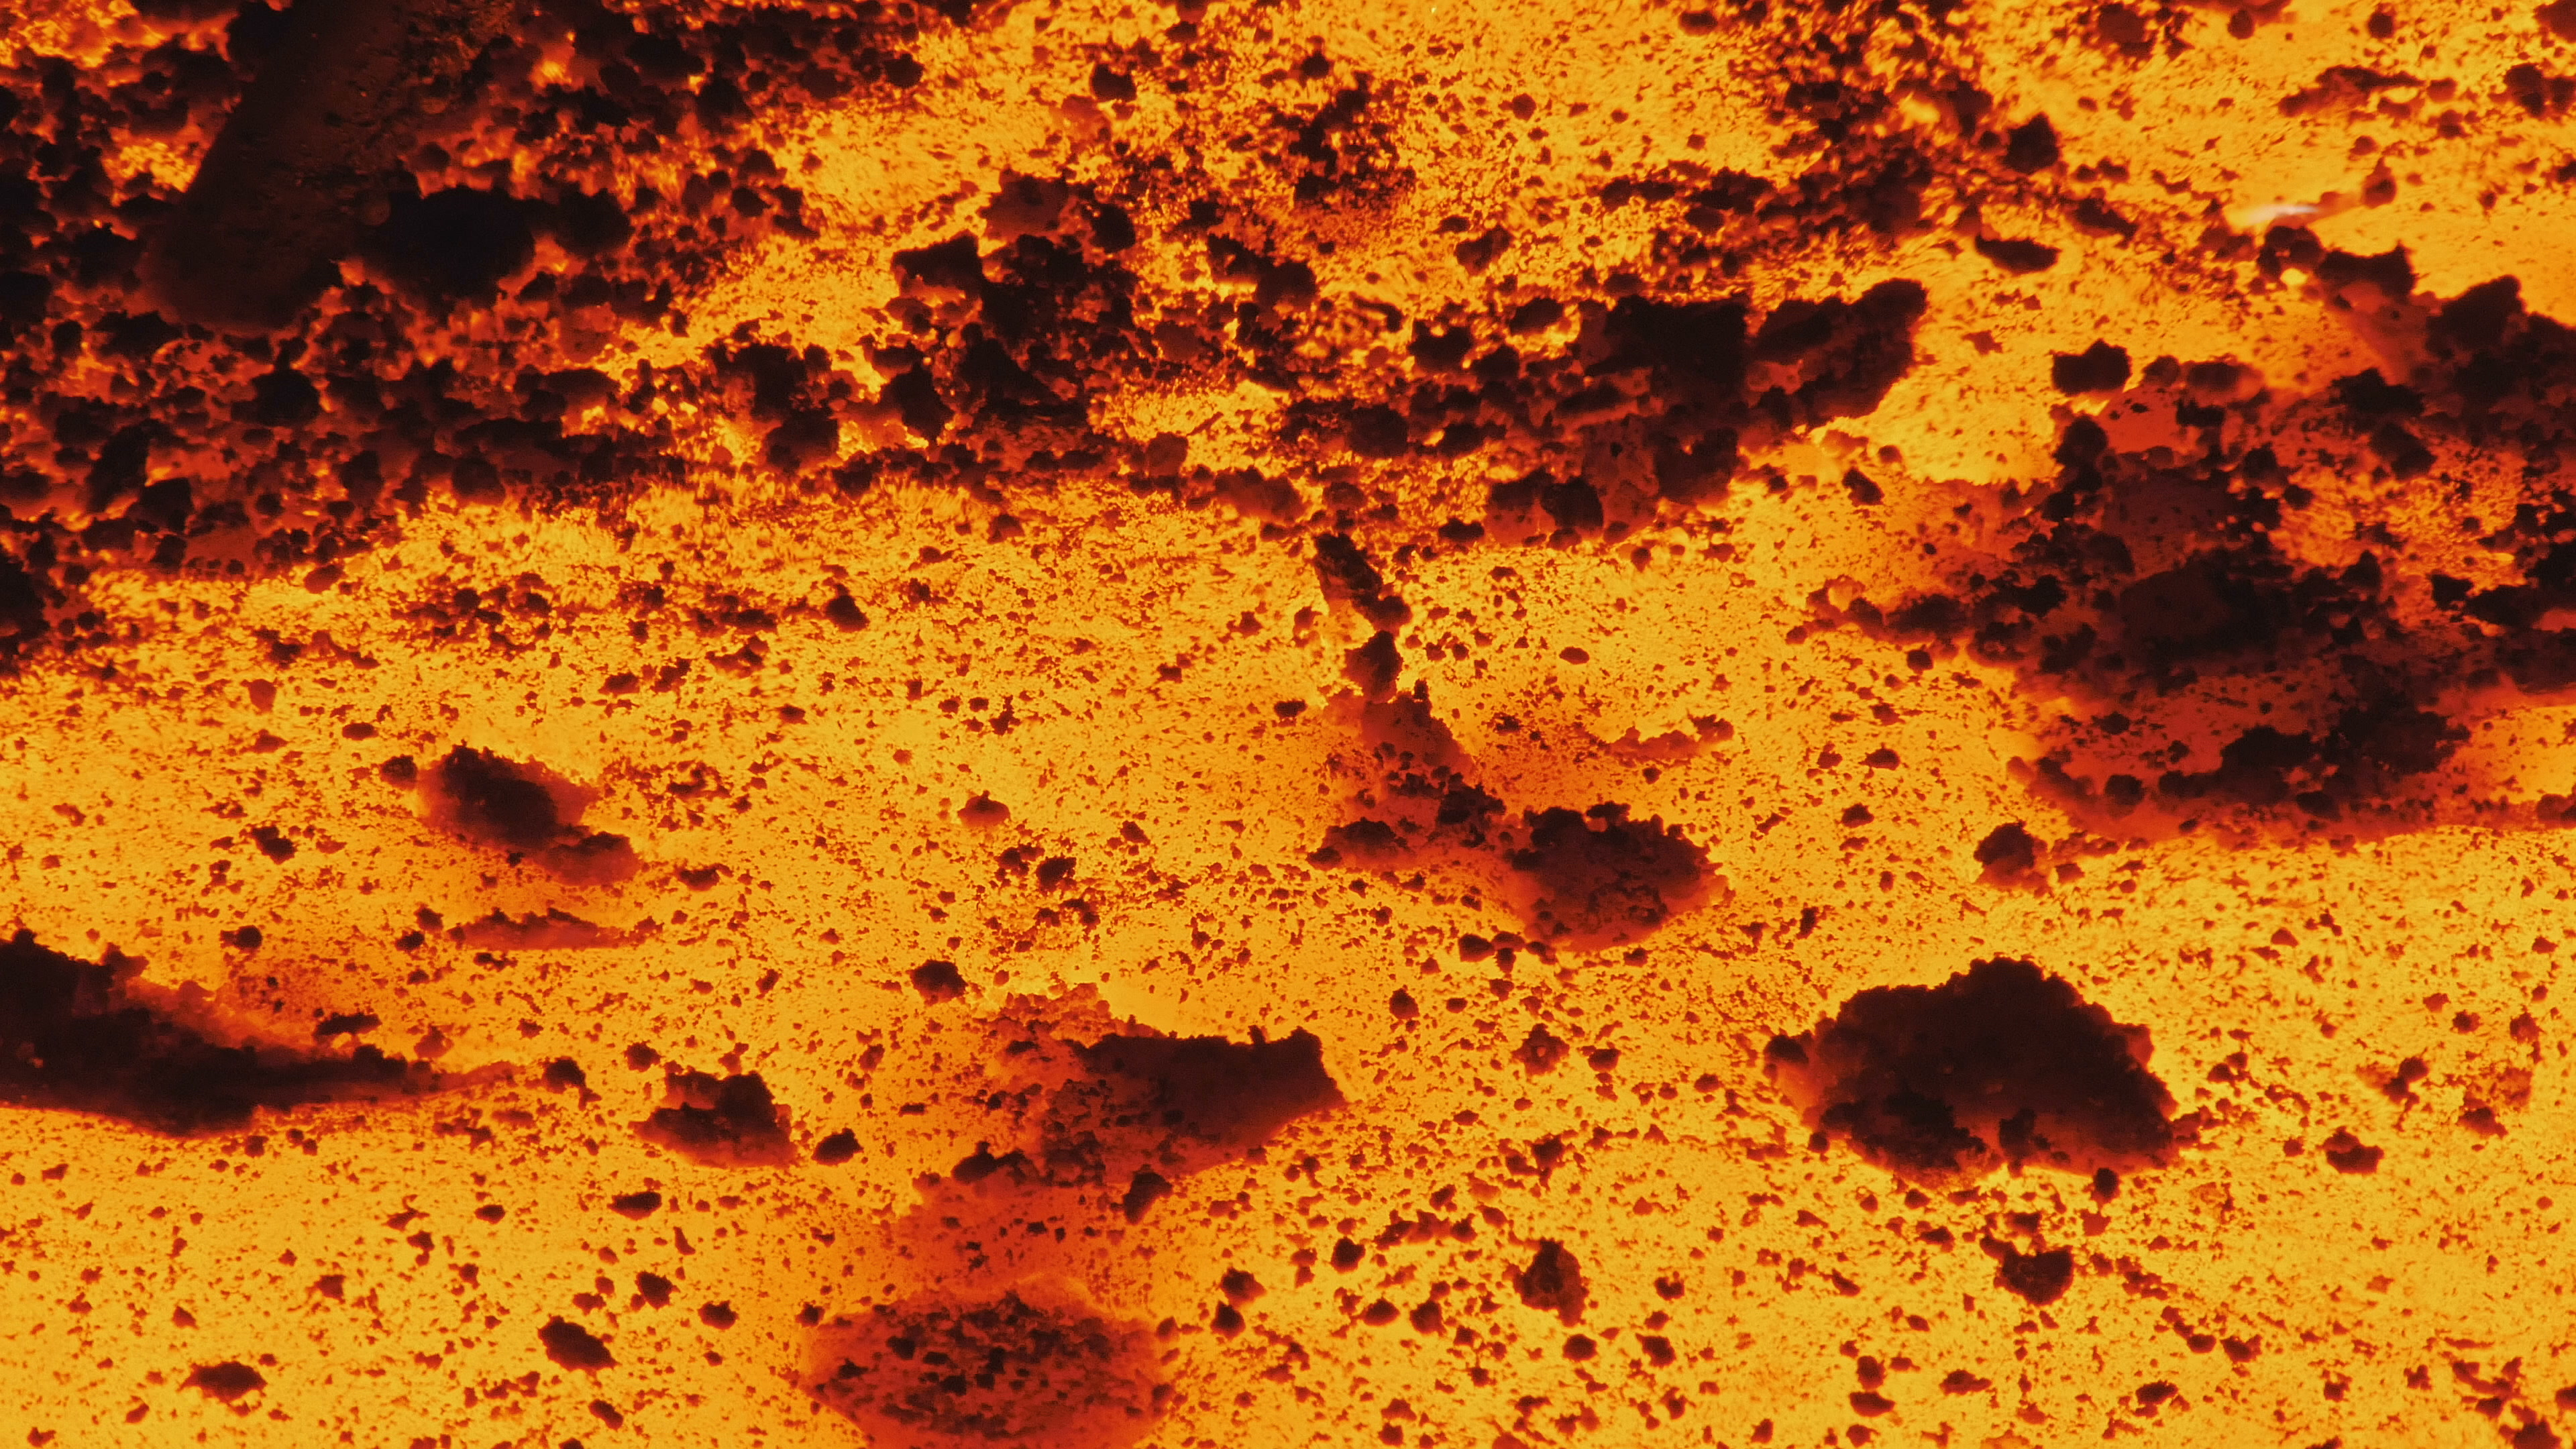 View of Molten metal, red-hot aluminium ~ Hi Res #75167956